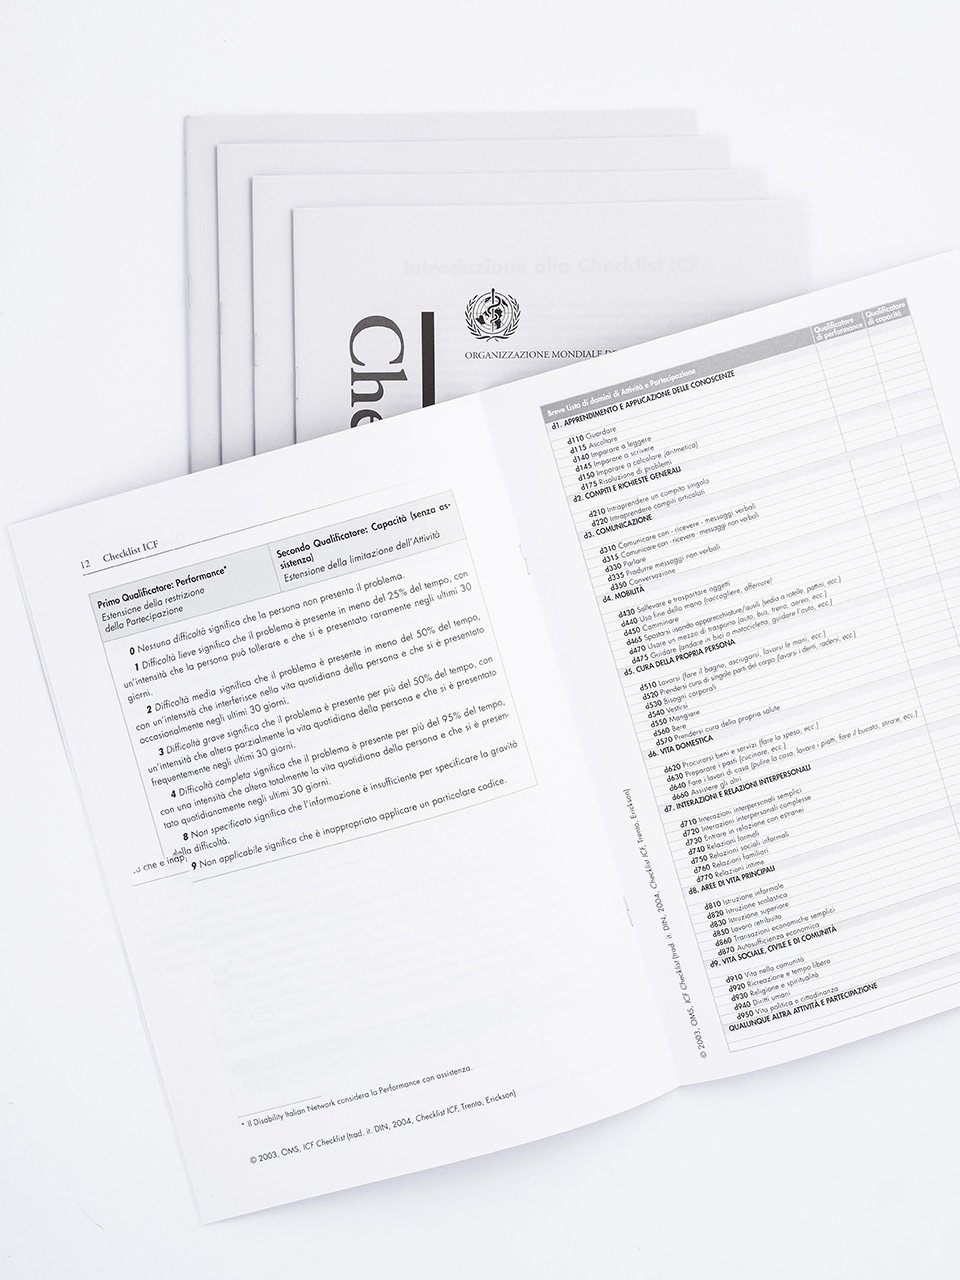 Checklist ICF - Strumenti - Erickson 2